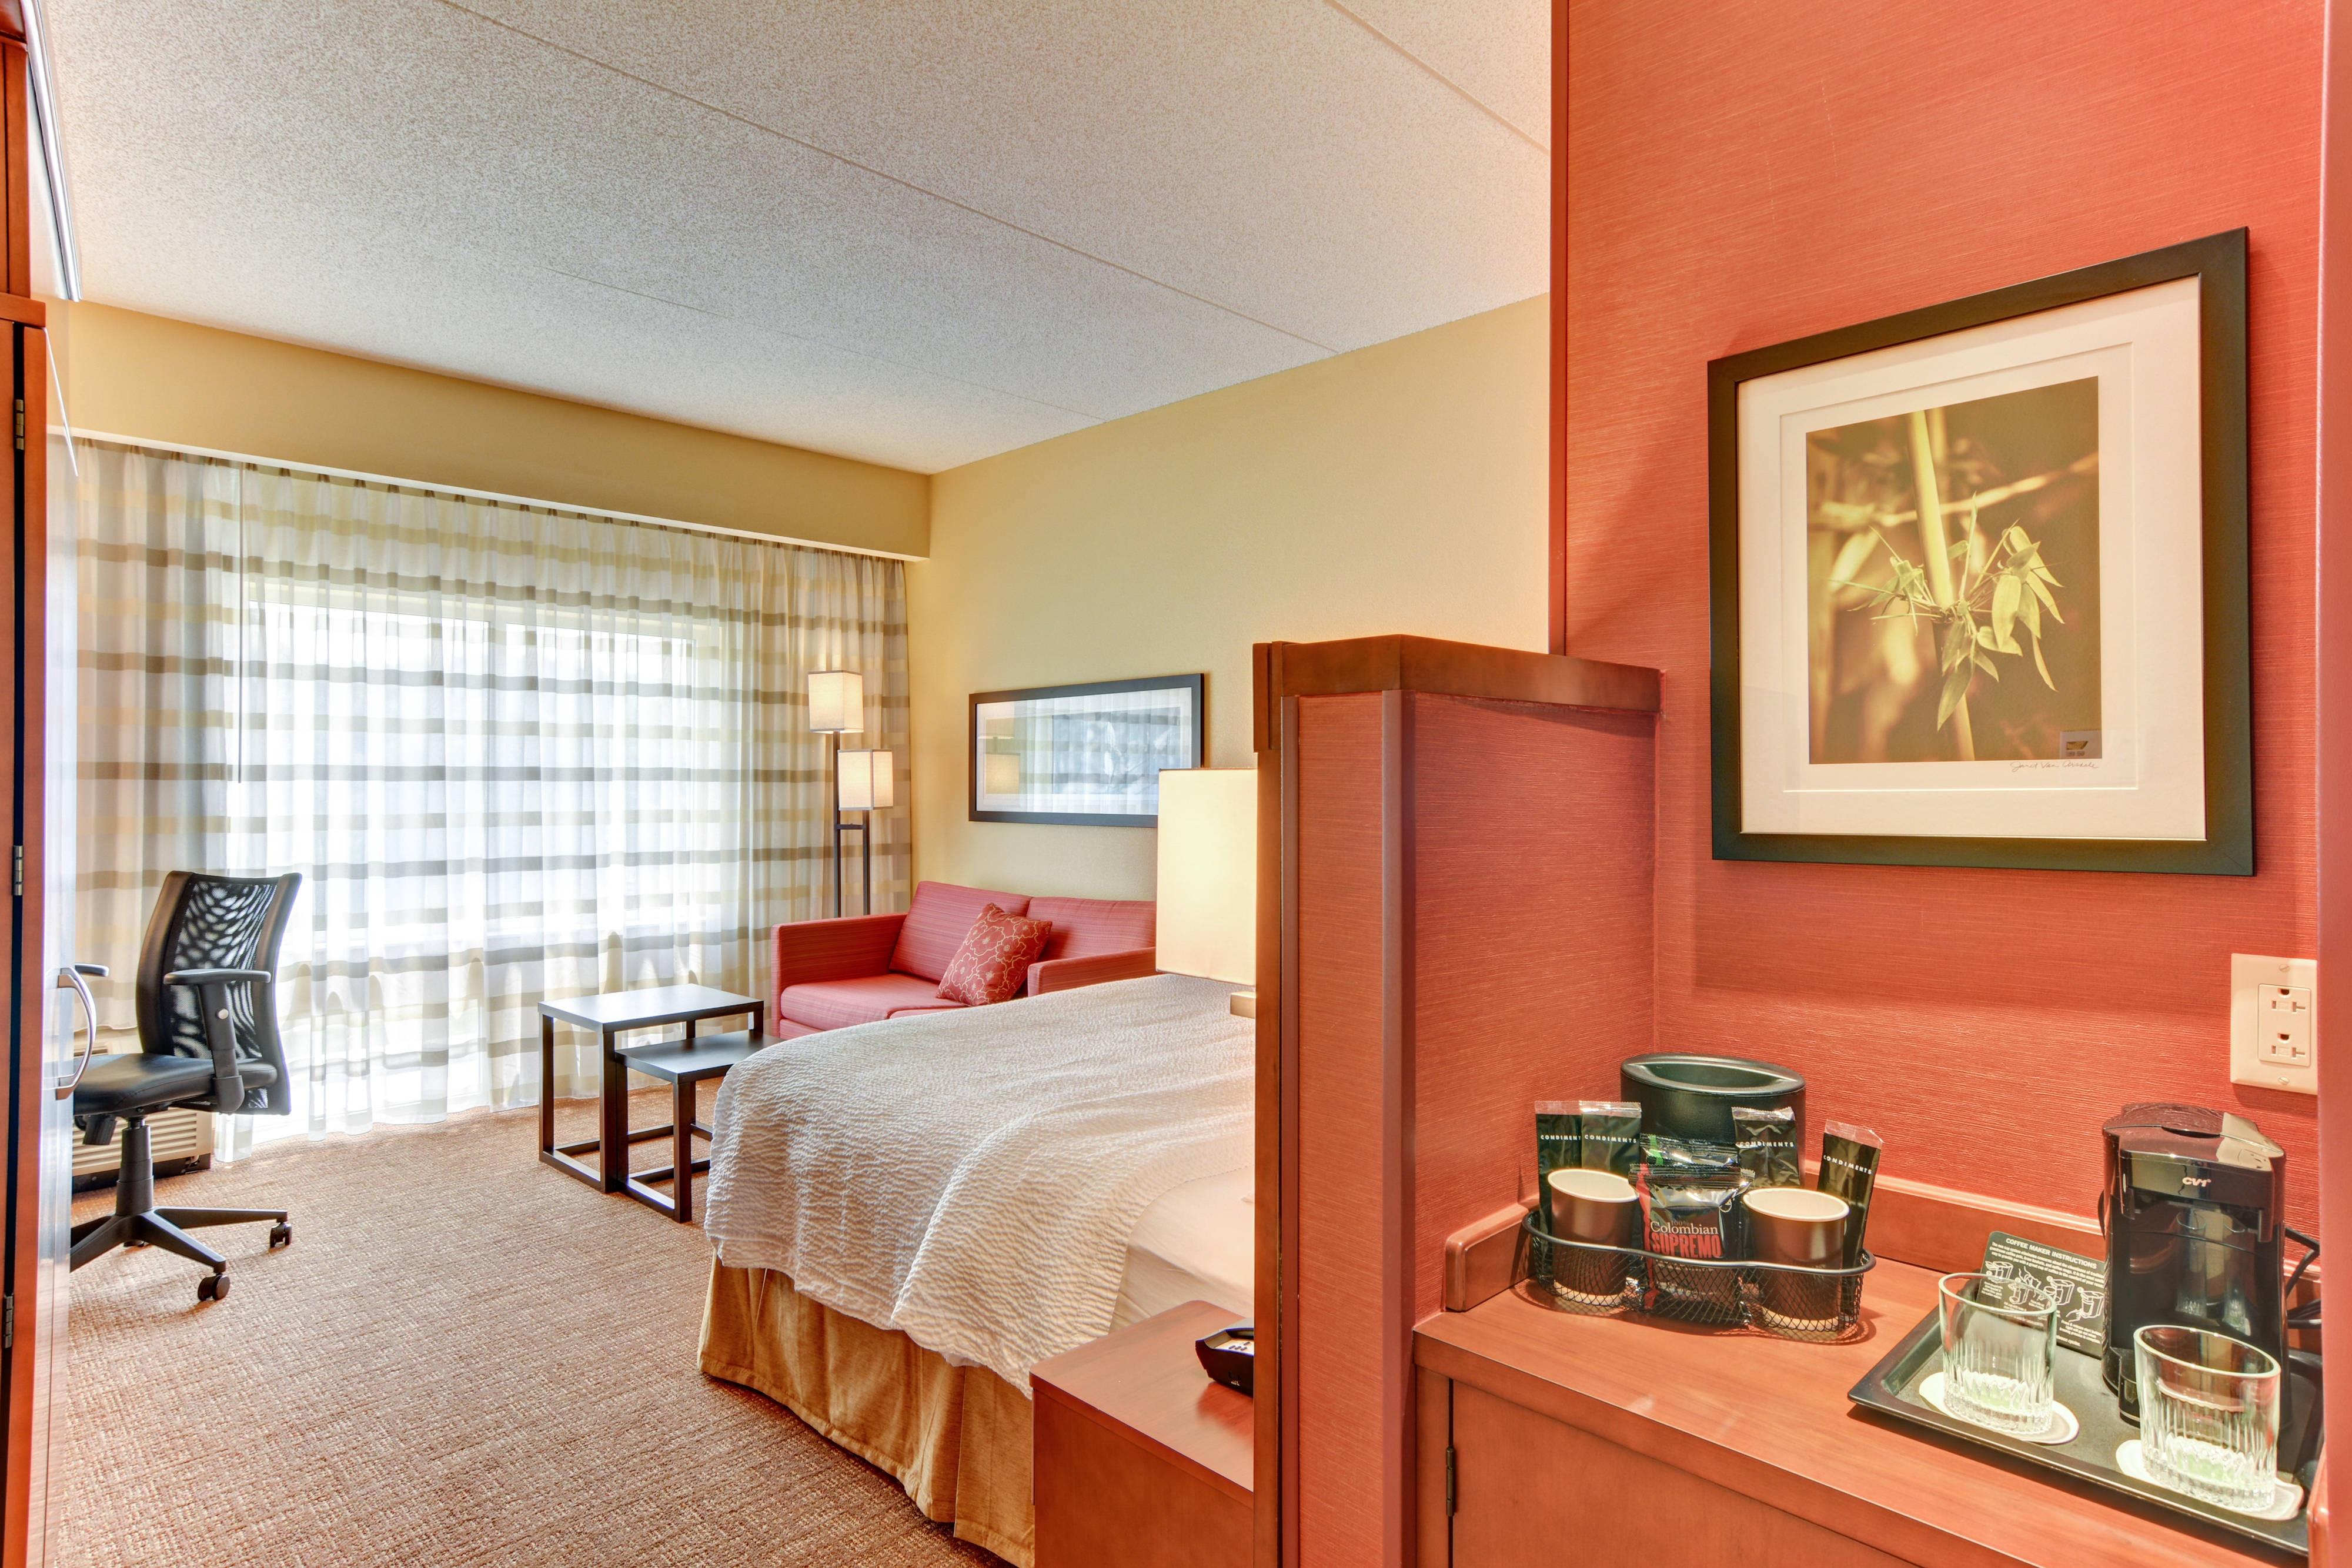 King Guest Room in Bridgeport, WV